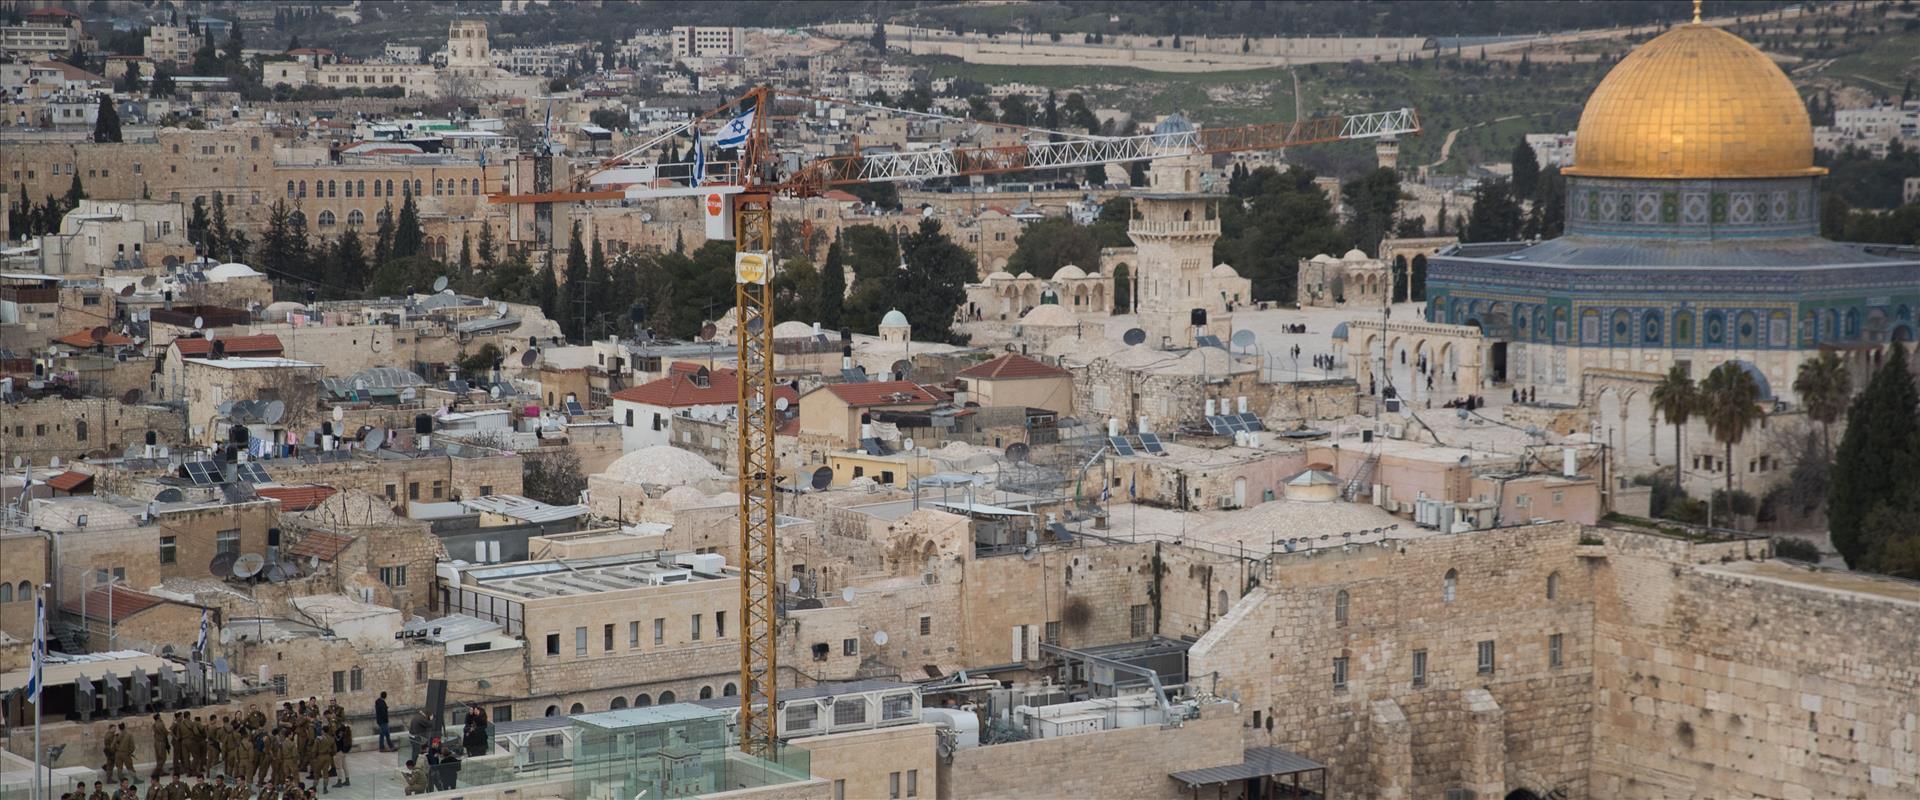 העיק העתיקה בירושלים